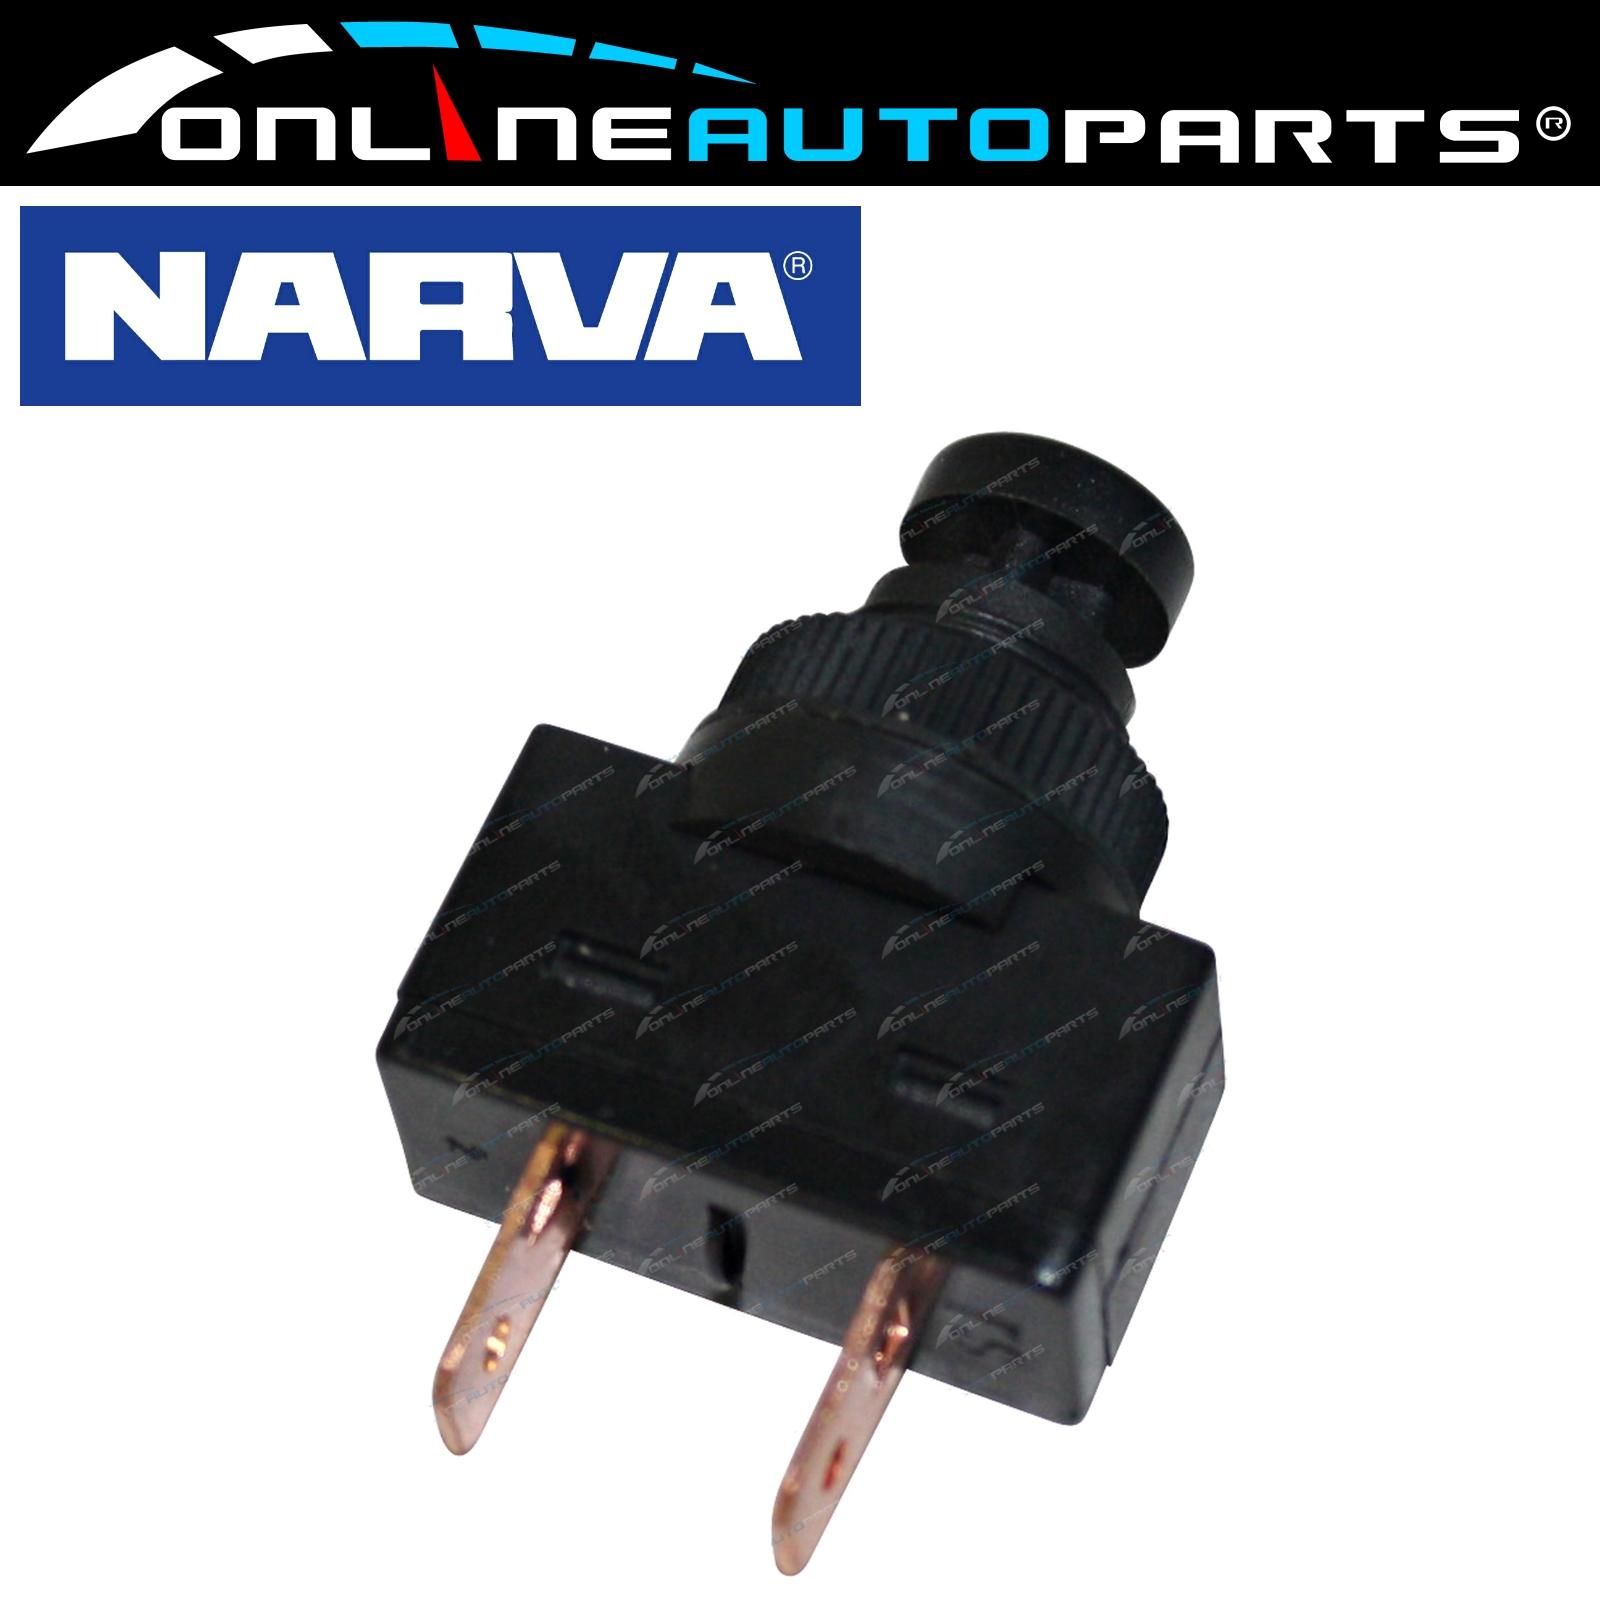 Narva 60040Bl Interruttore clacson momentaneo a pulsante 16Amp - 12 Volt - 16 Amp 9314464600401 Ebay-3727